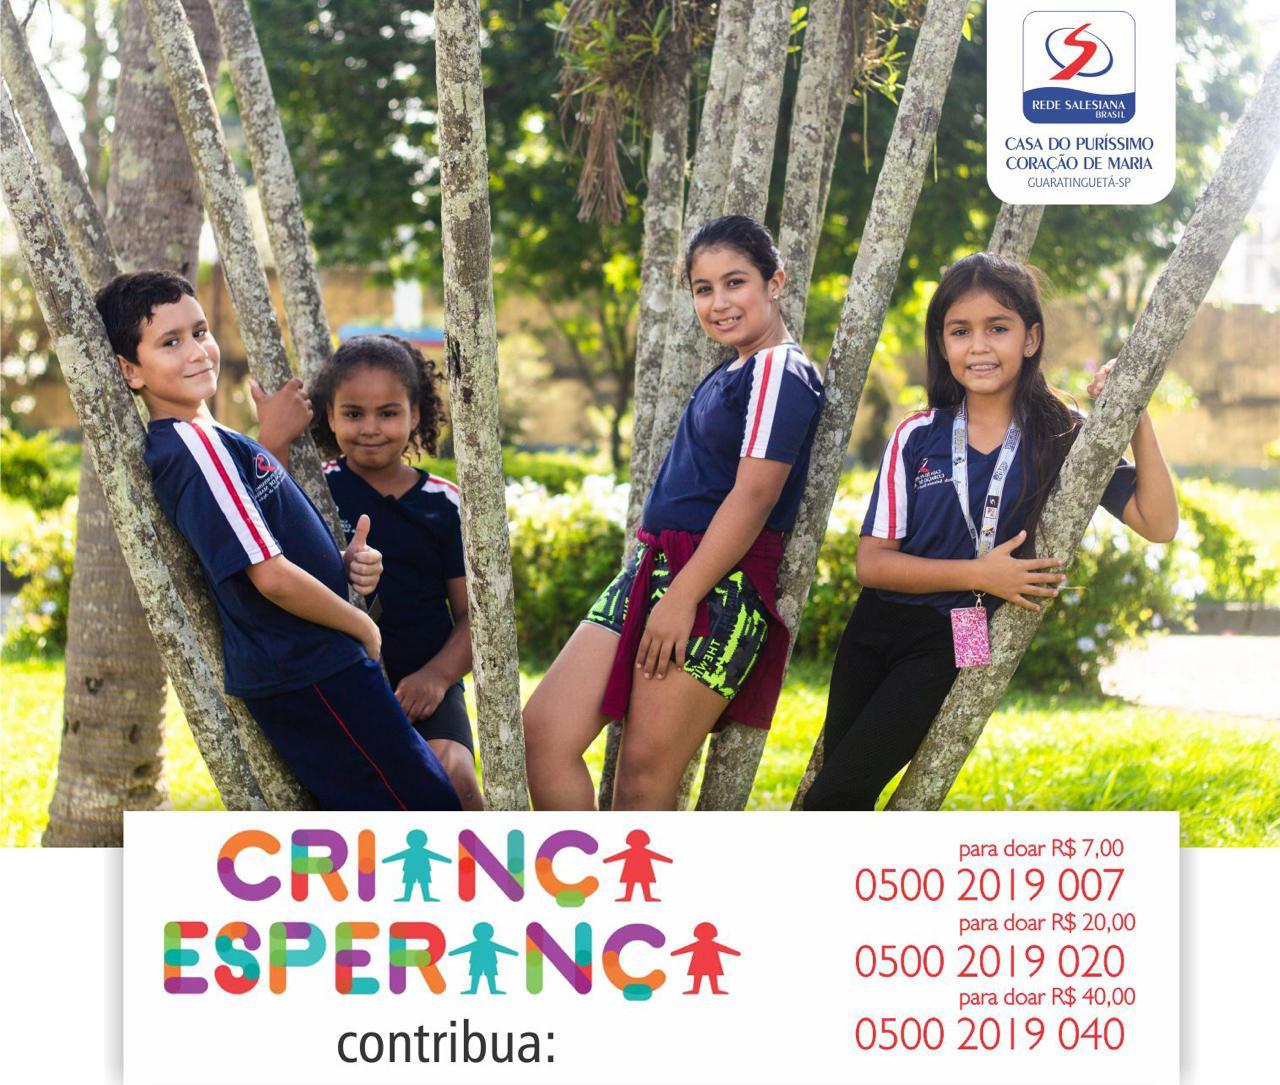 Projeto Salesiano será um dos contemplados com recursos do Criança Esperança 2019